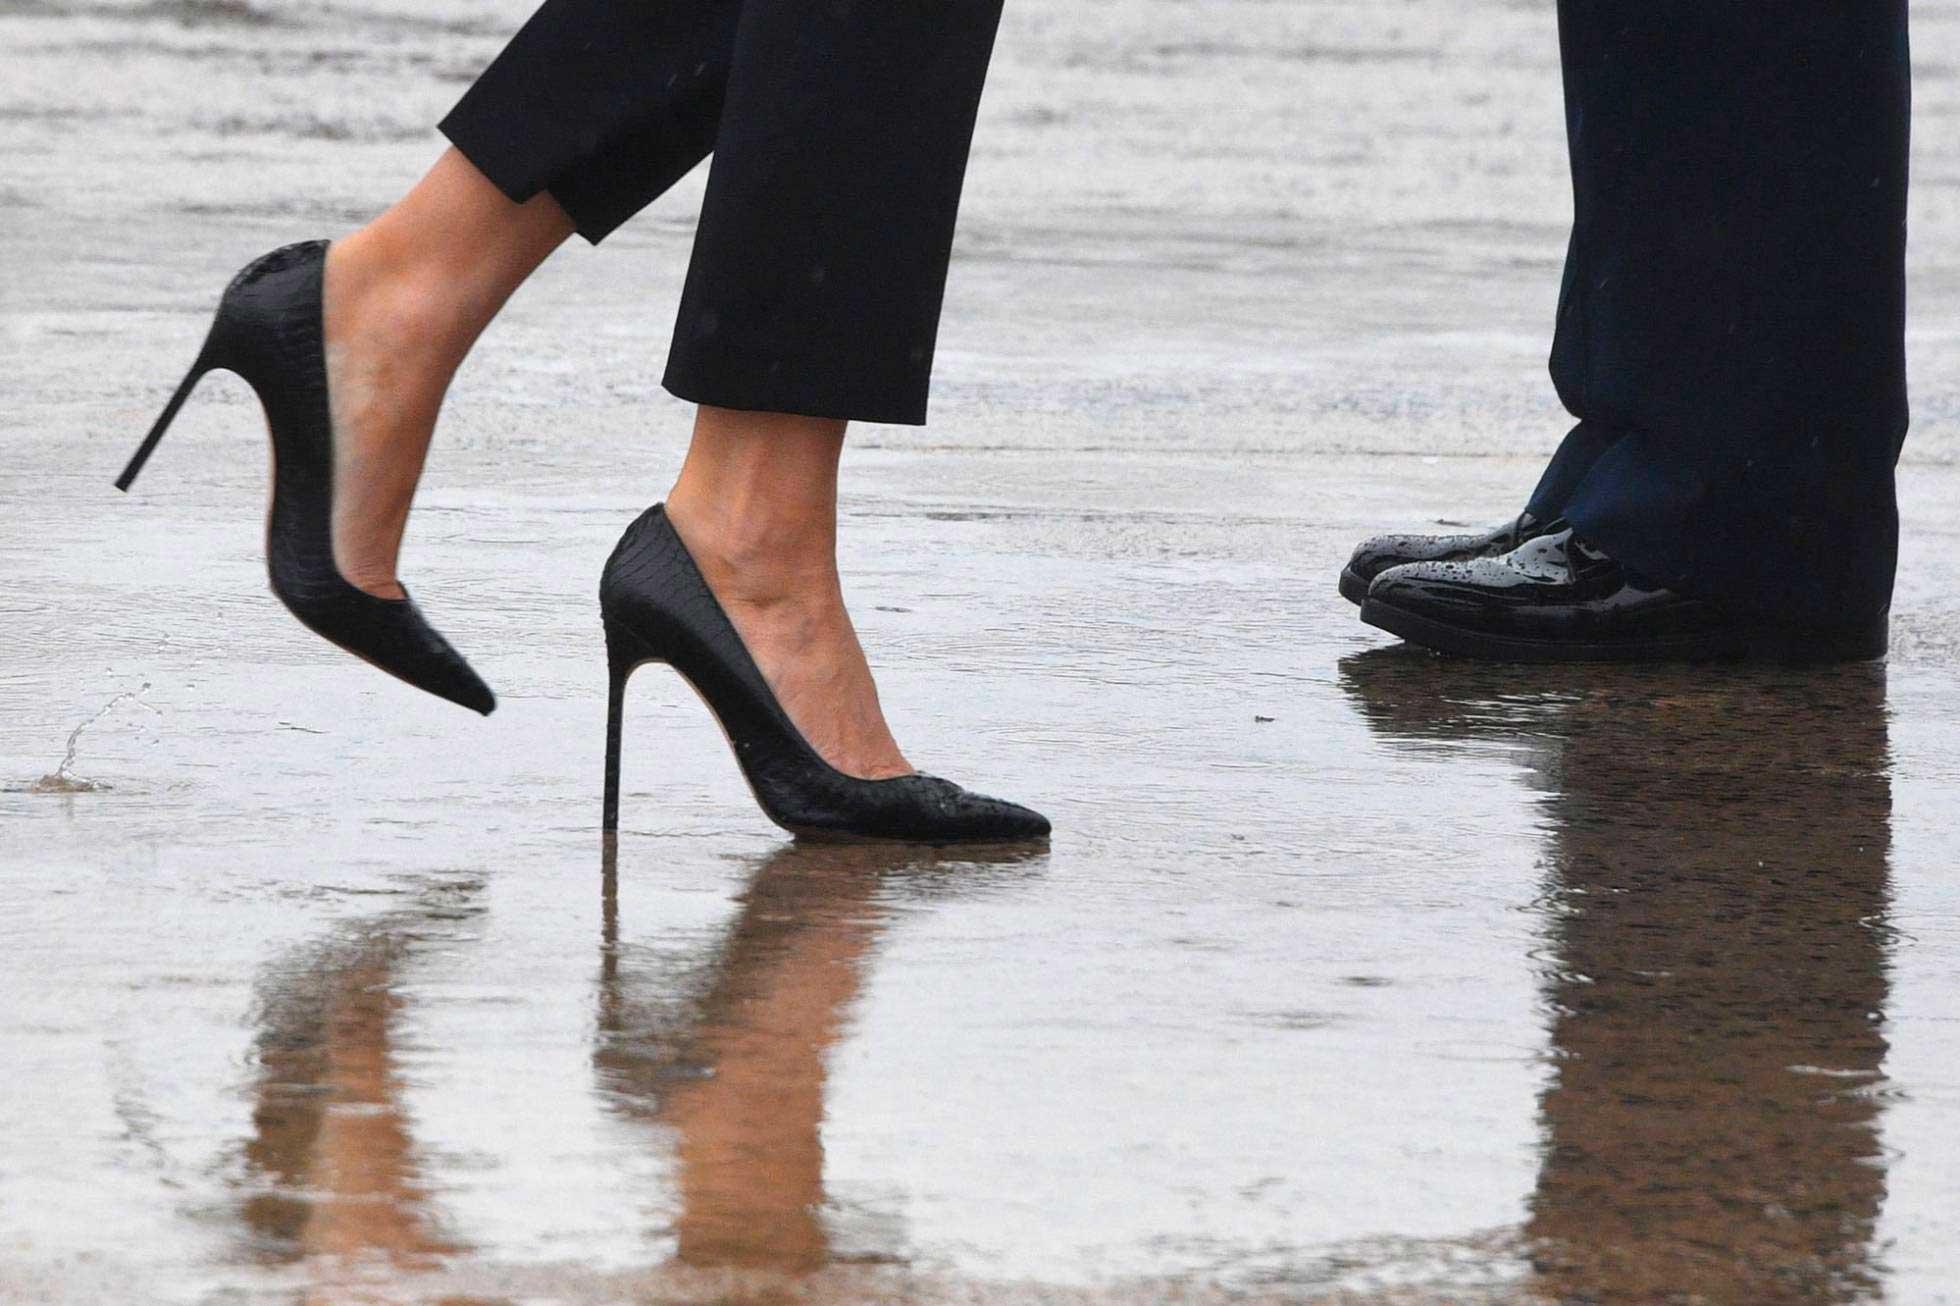 Melania Trump visita a damnificados en tacones